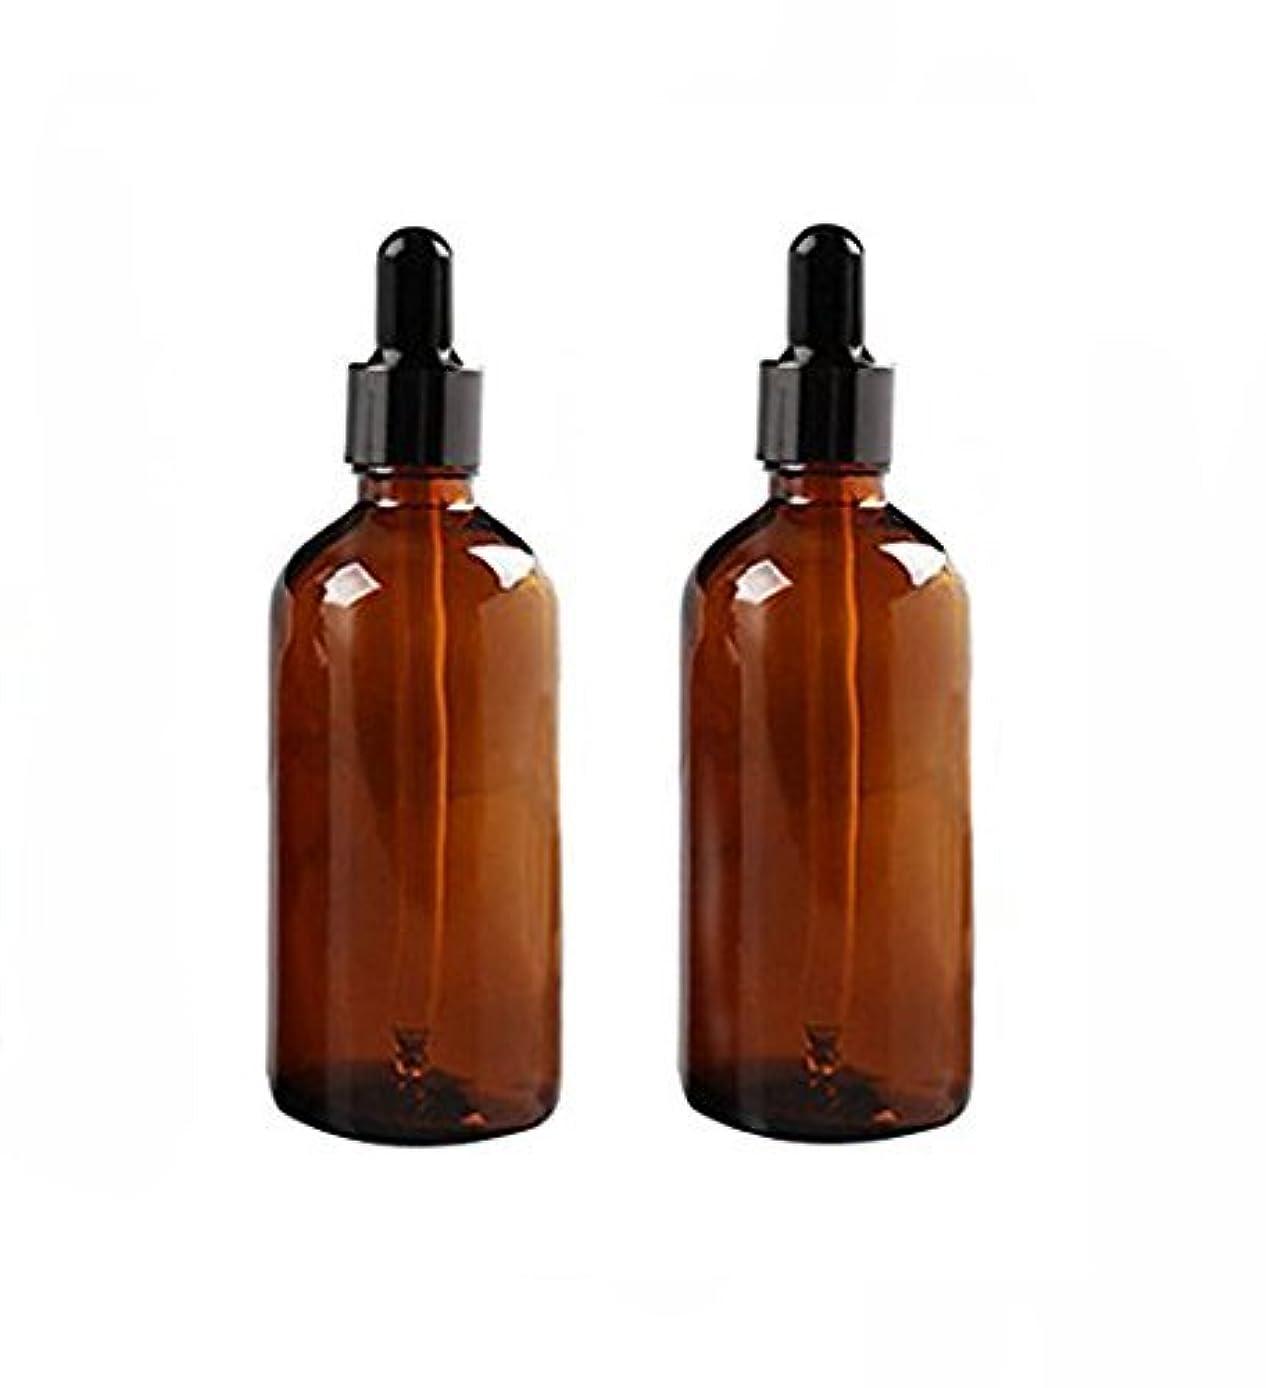 残高ロケーション謝罪する2 Pcs 100ml Empty Amber Glass Bottle with Glass Dropper for Essential Oil Formulas [並行輸入品]